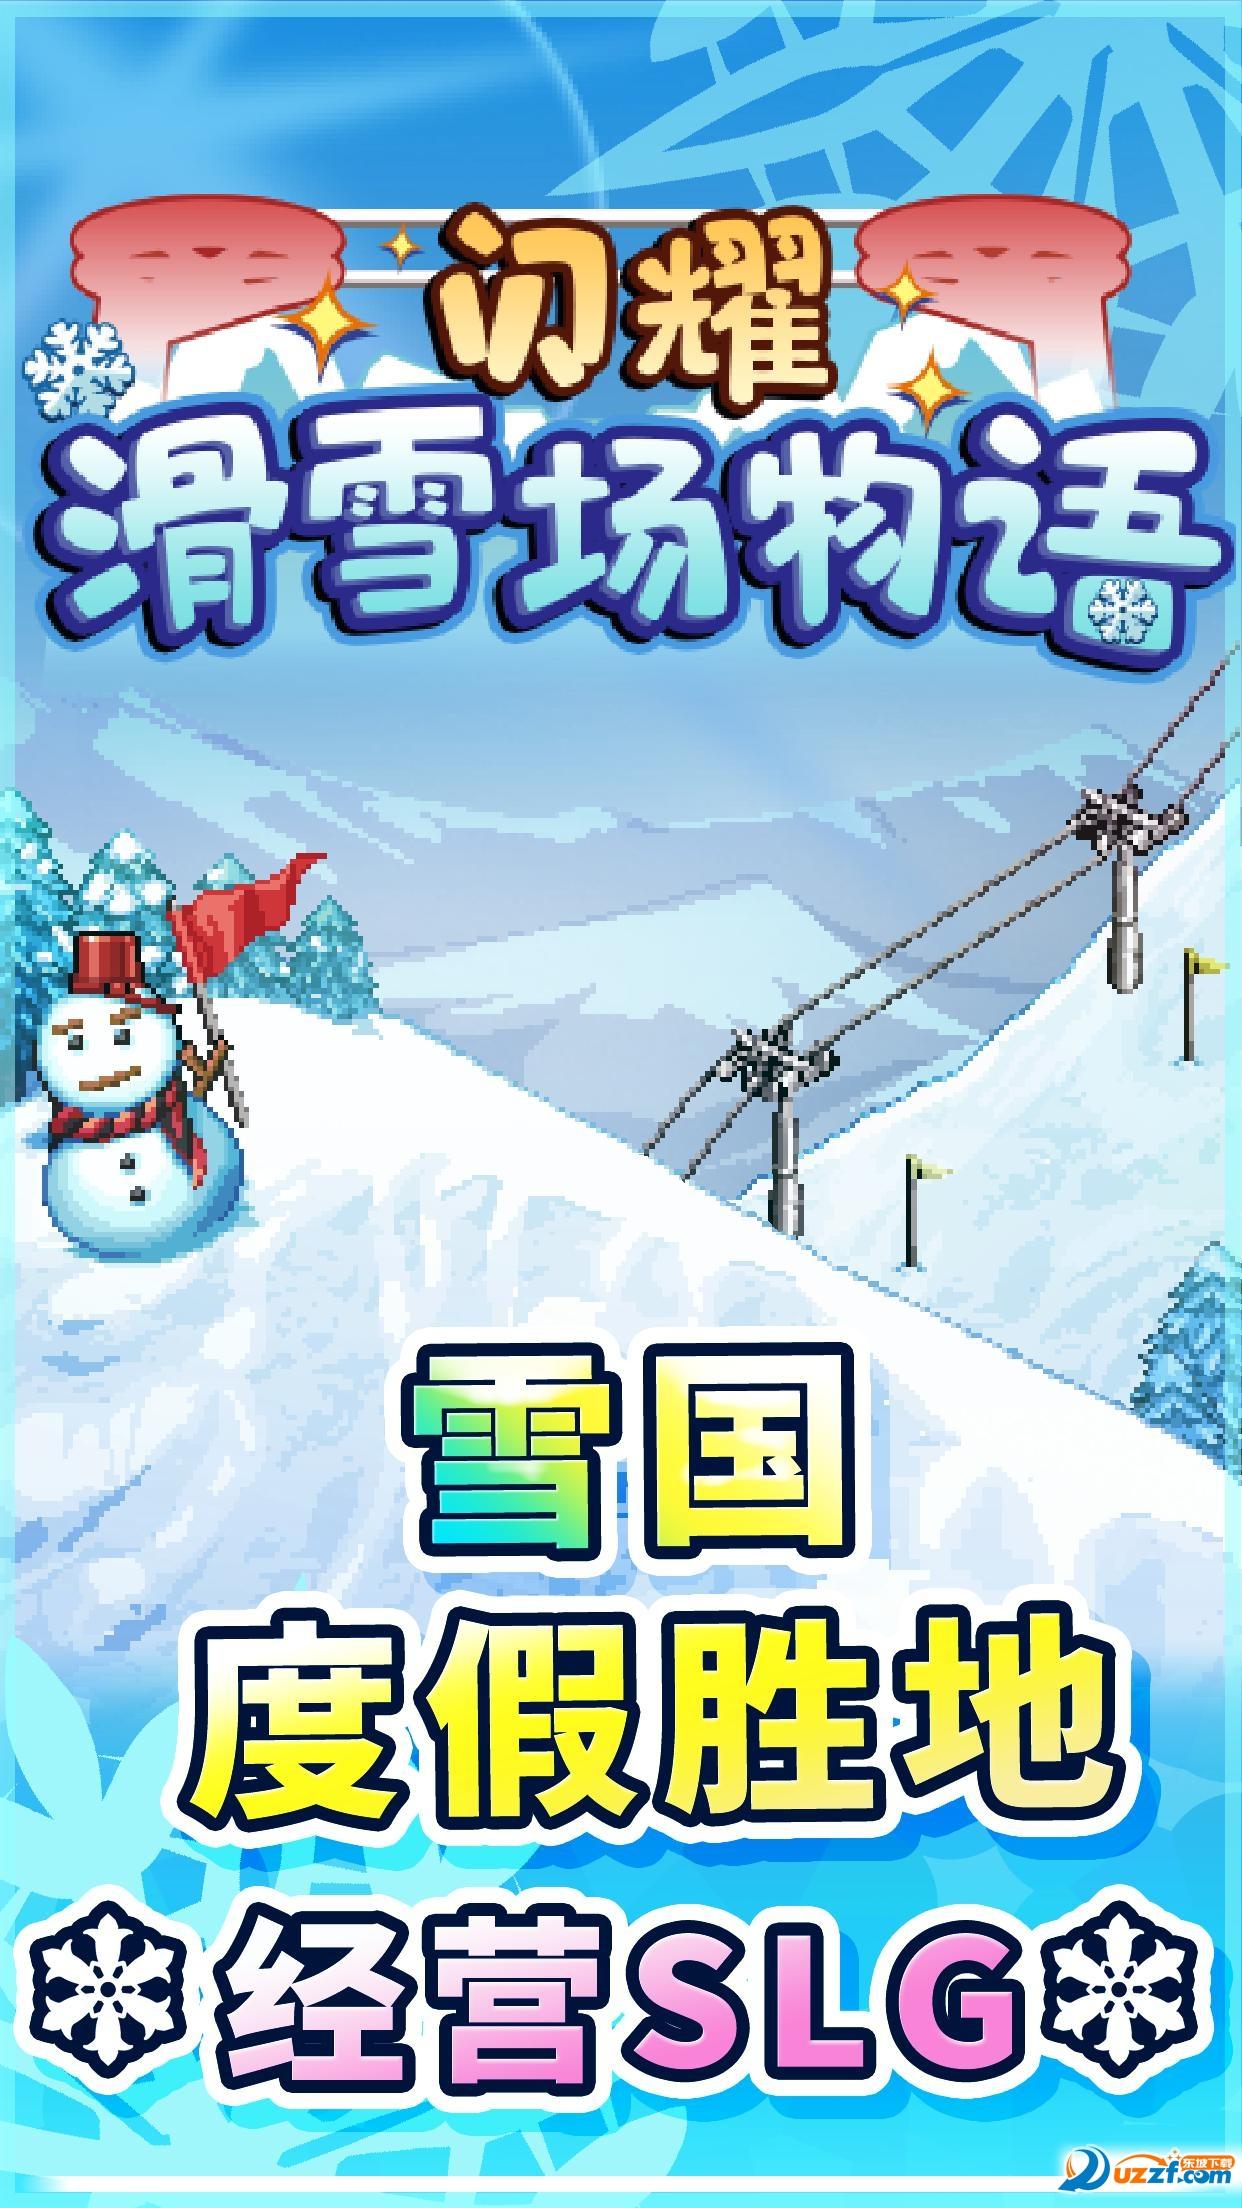 闪耀滑雪场物语截图